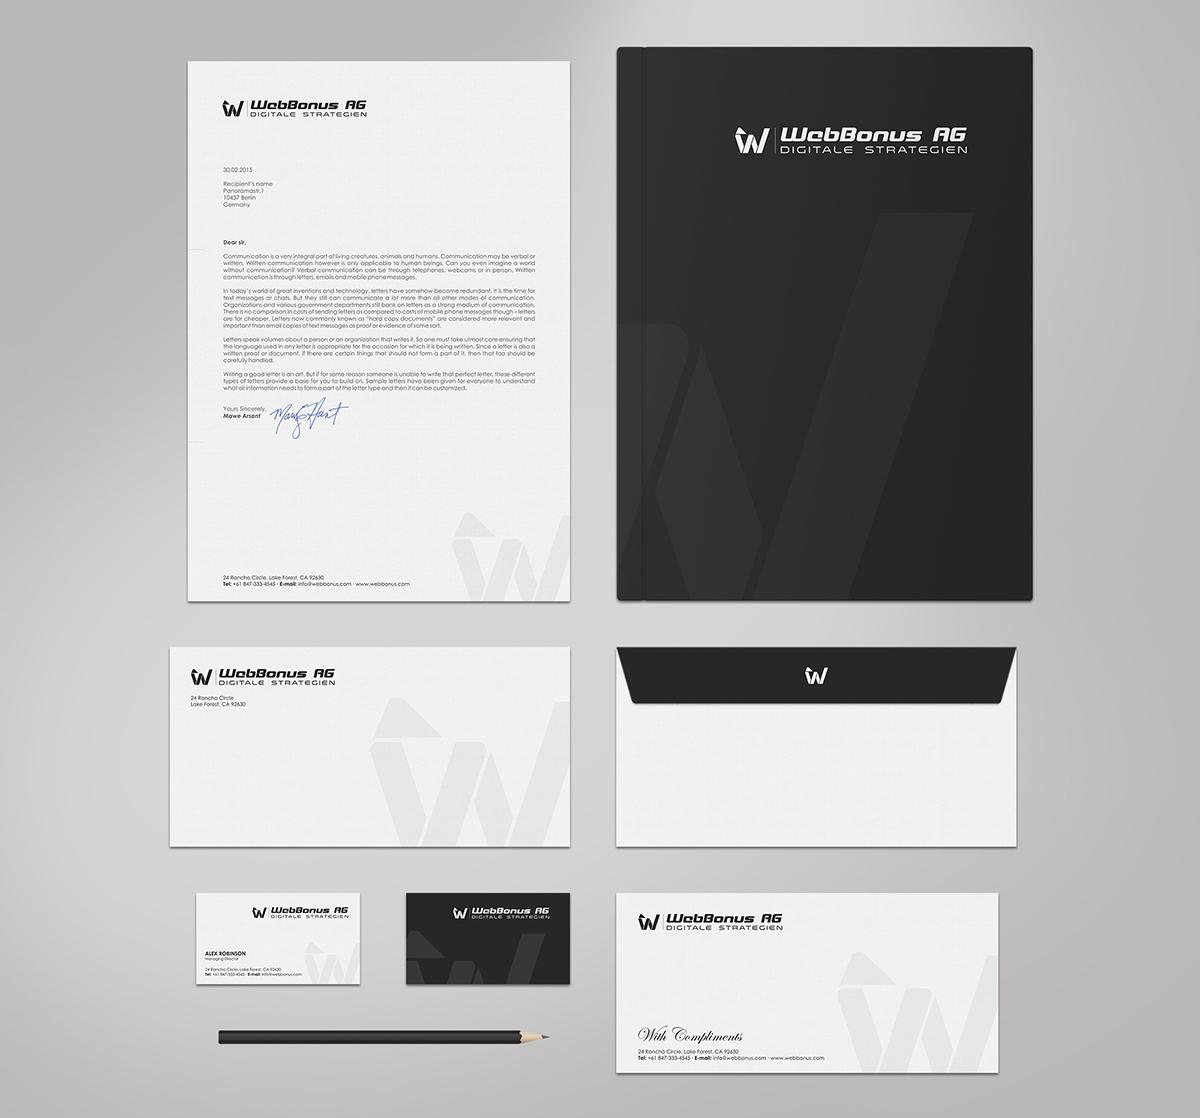 Elegant playful software business card design for webbonus ag by business card design by logodentity for webbonus ag design 6153269 reheart Image collections